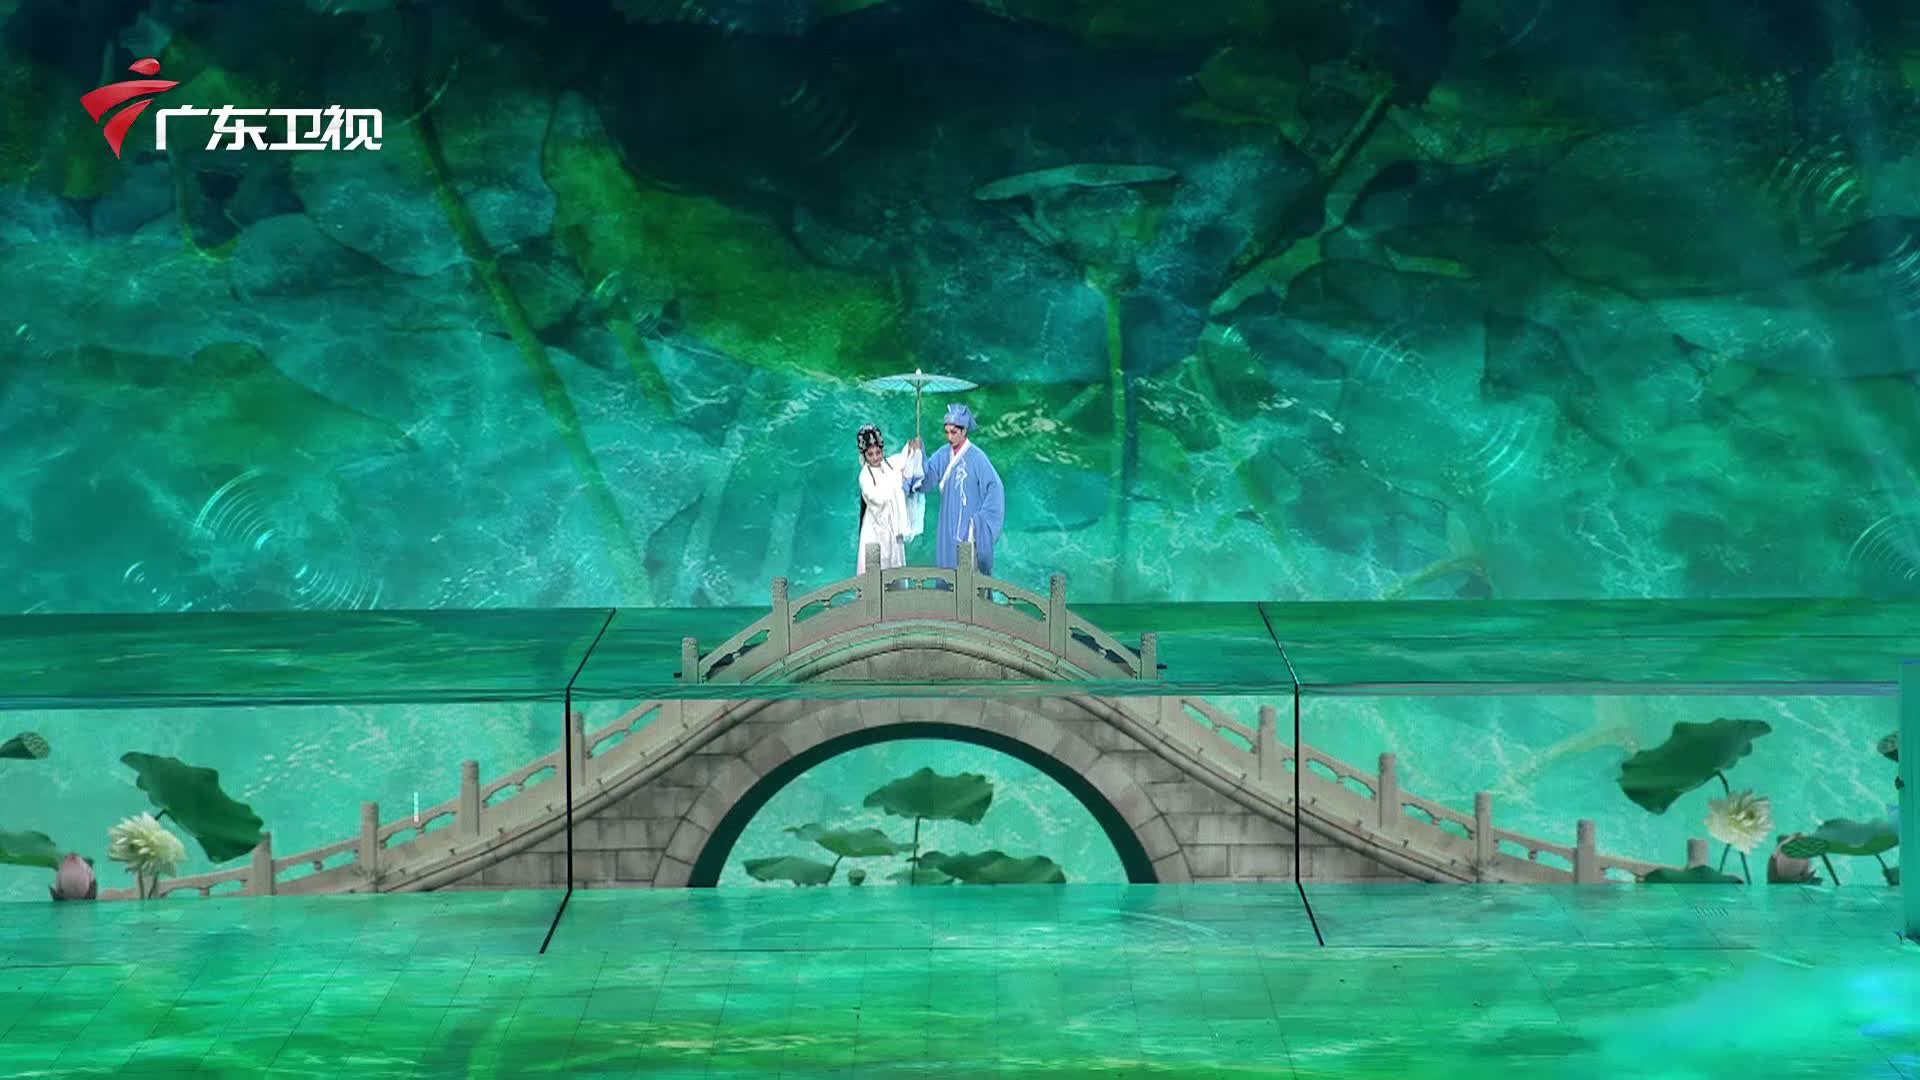 曾小敏联手芭蕾仙女张艺凡上演粤剧经典,东西方文明跨时空浪漫对话